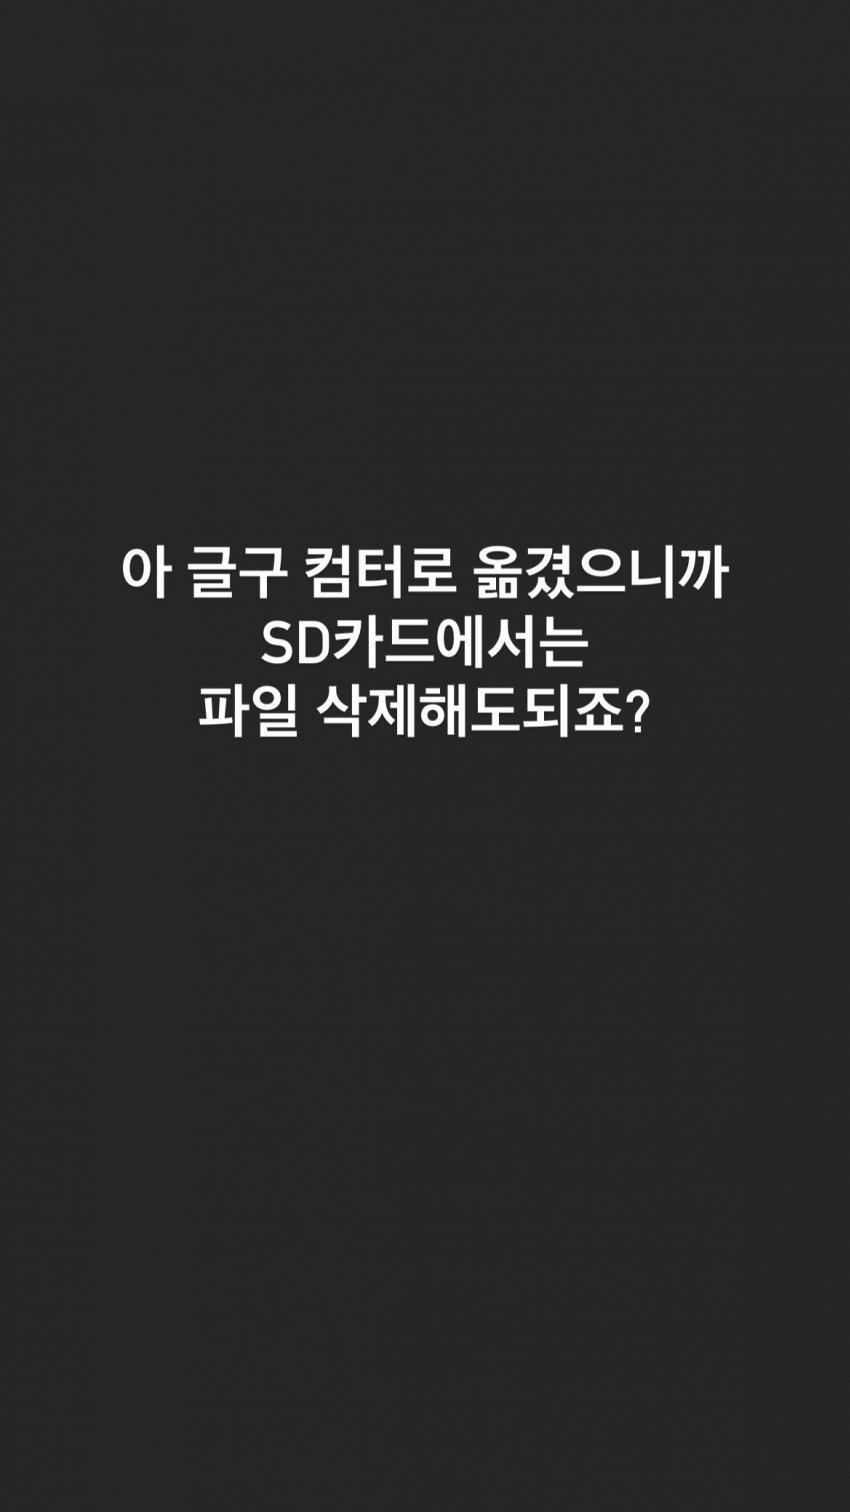 viewimage.php?id=21b2c623e9cb22&no=24b0d769e1d32ca73ceb86fa11d02831eebc6c37c2fa034916fac403212305e65007efdba8e78335cd0c012233c6f763e4a9e35921ee323c89fbebba751ad169e316f9bfcb64edb0a12400ee93c8f137caeedf1d828840838c33